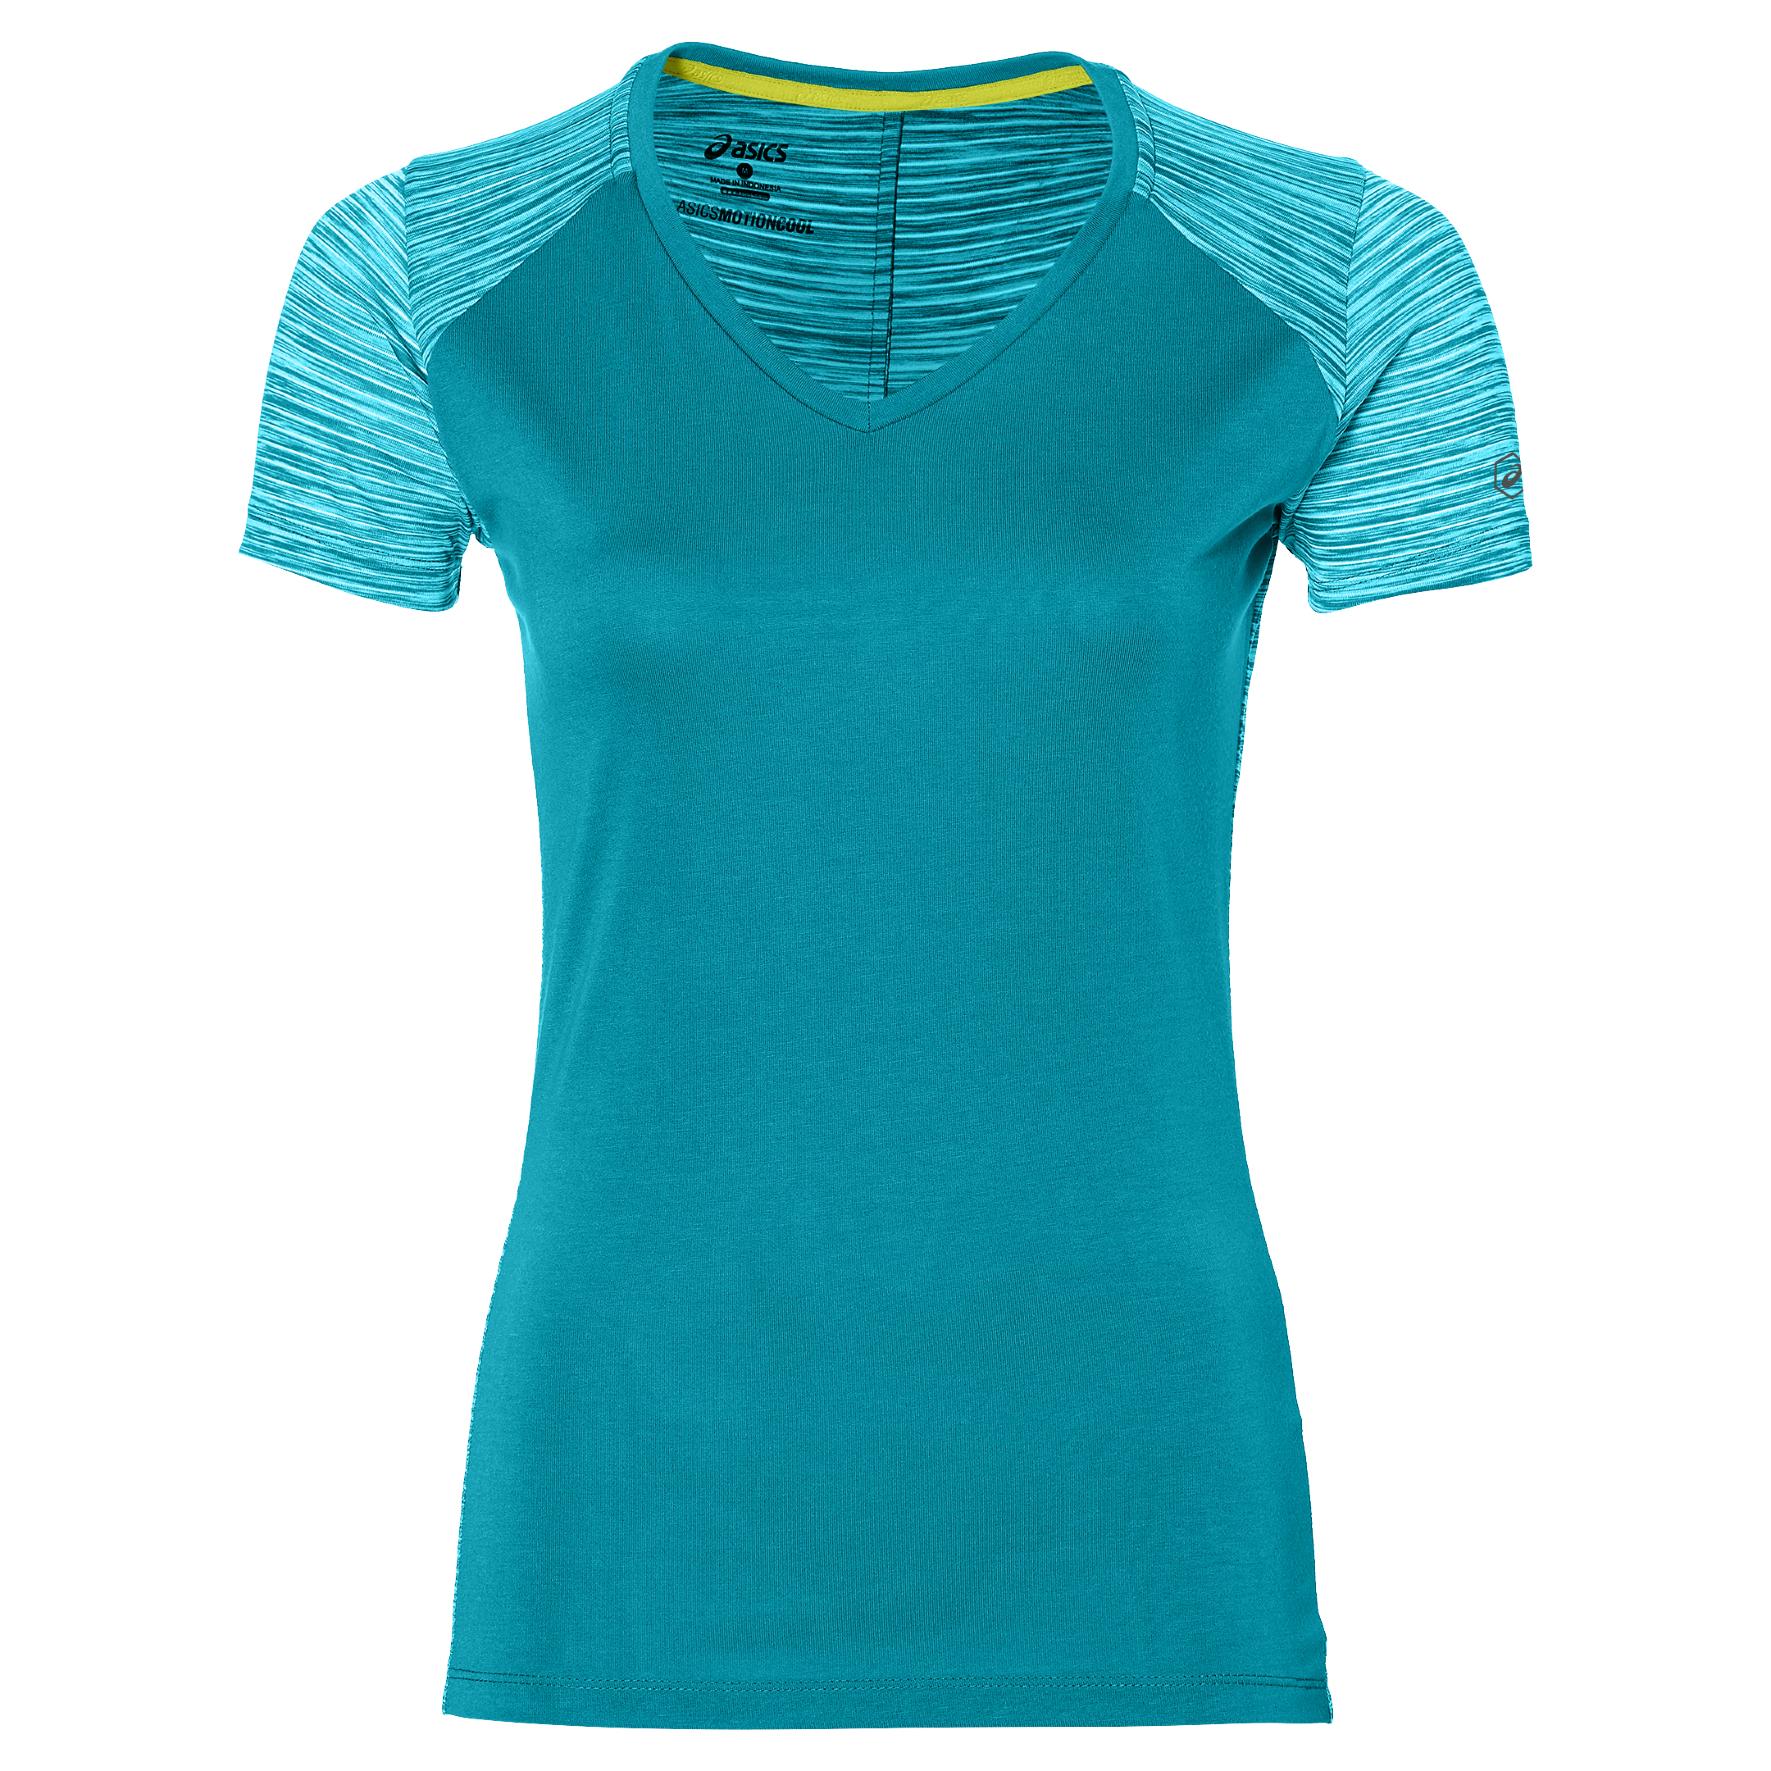 Asics FUZEX V NECK, ženska majica za trčanje, plava